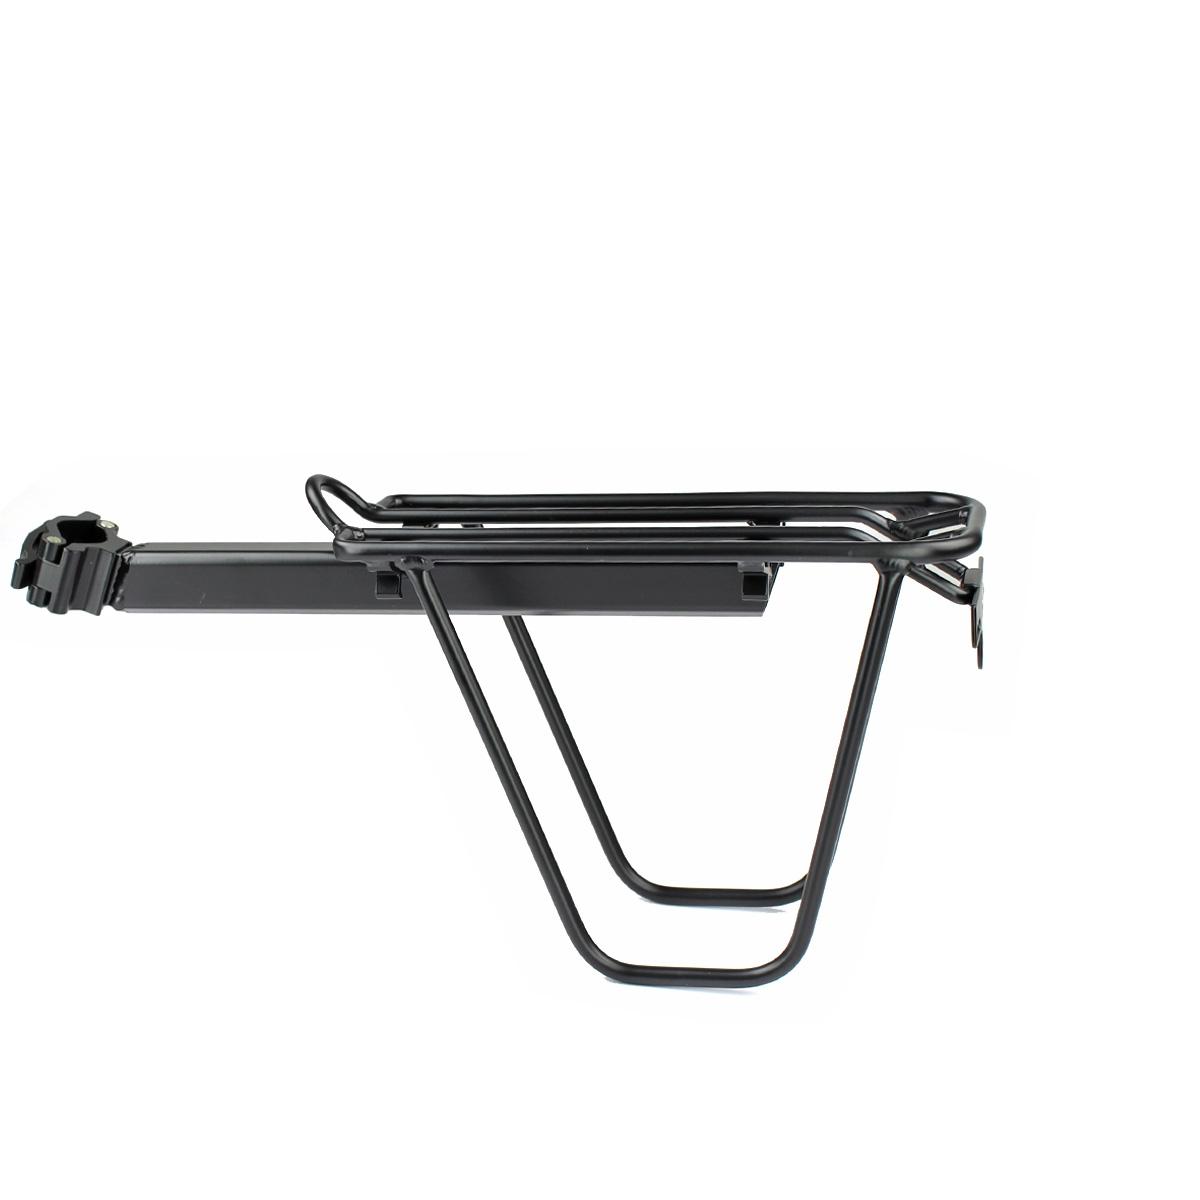 Porte-Bagage vélo WTP Noir arrière \